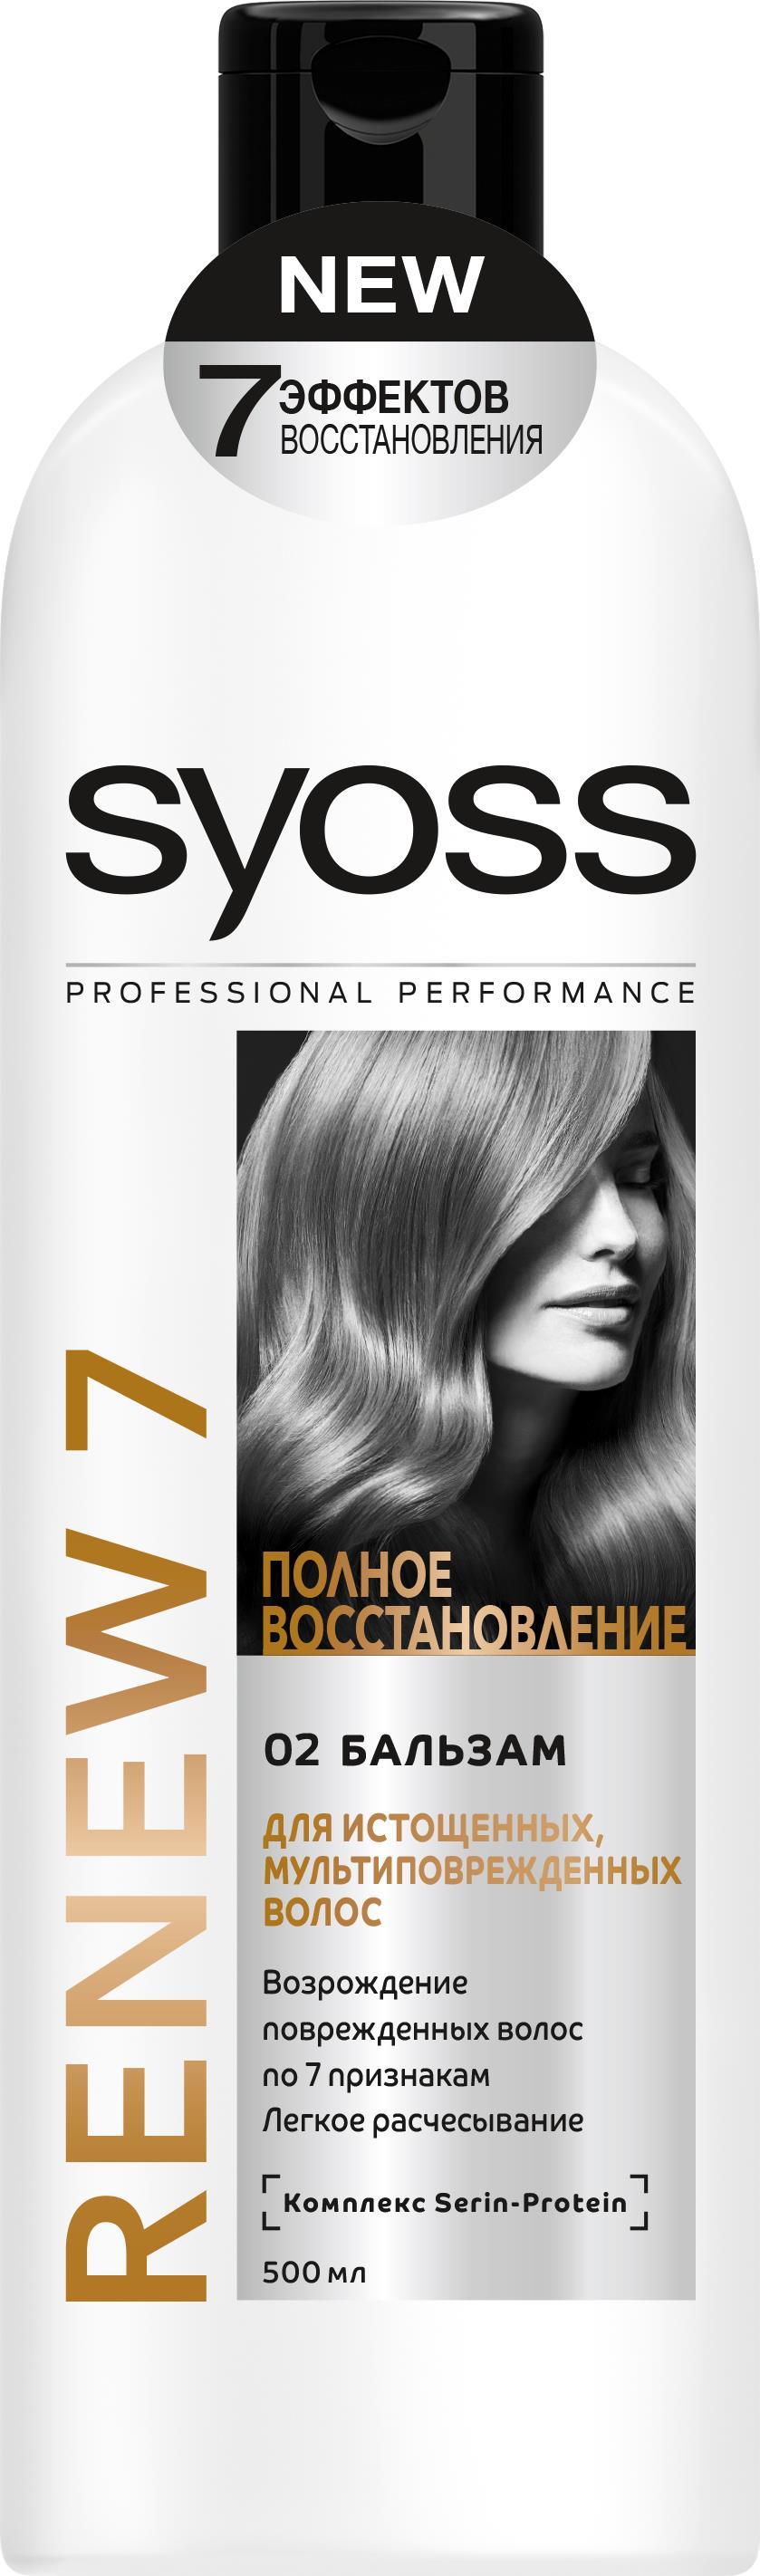 Syoss Бальзам Renew 7 для мульти-поврежденных истощенных волос, 500 мл косметика для мамы syoss renew 7 кондиционер для мульти поврежденных истощенных волос 500 мл